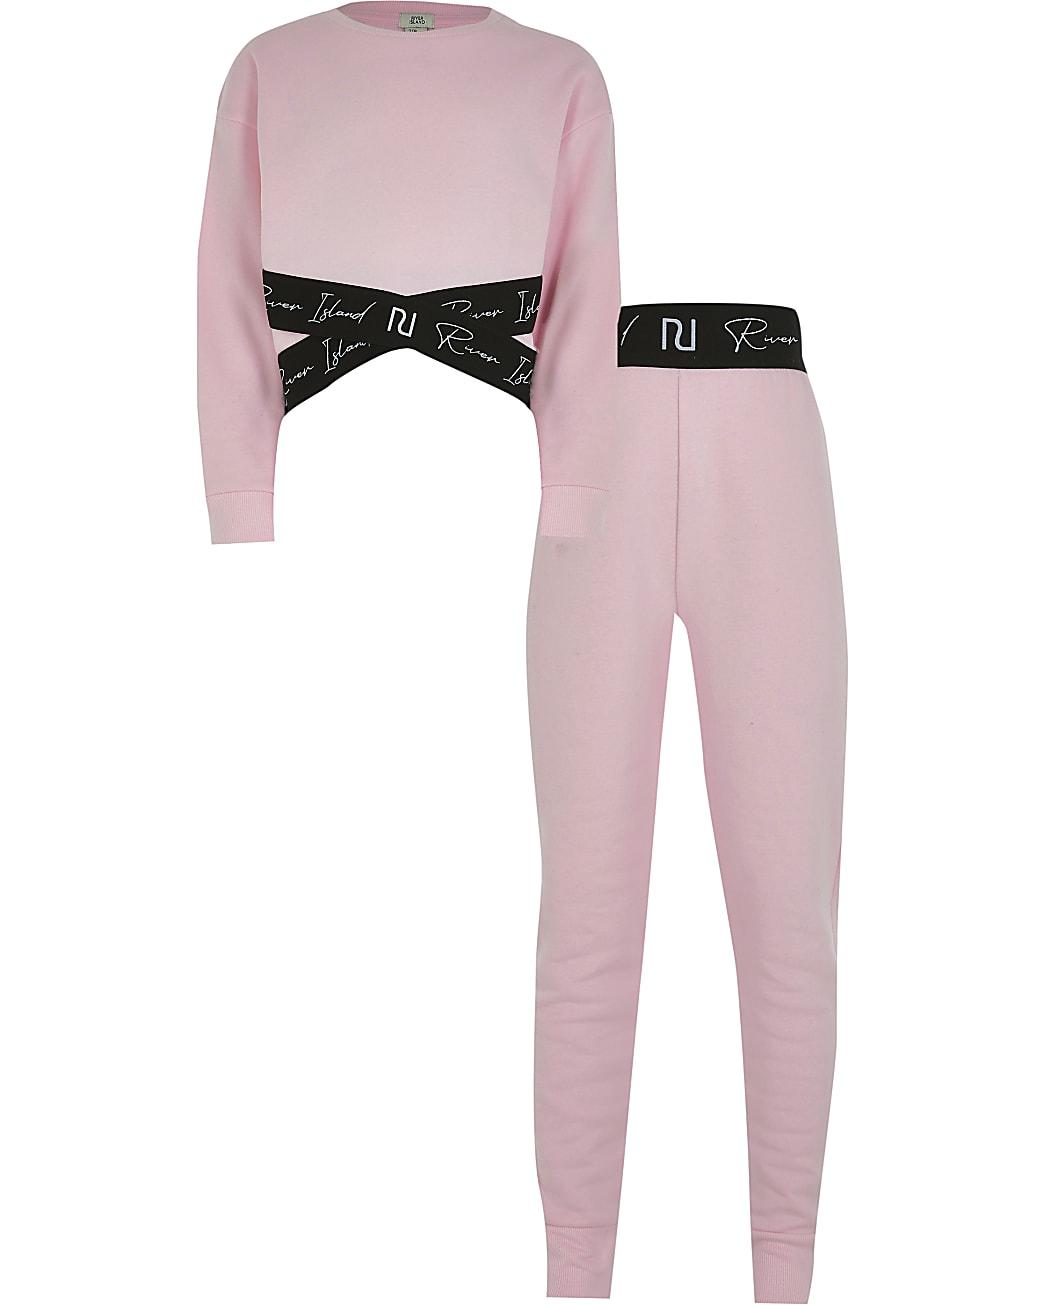 Girls pink RI sweatshirt and legging outfit